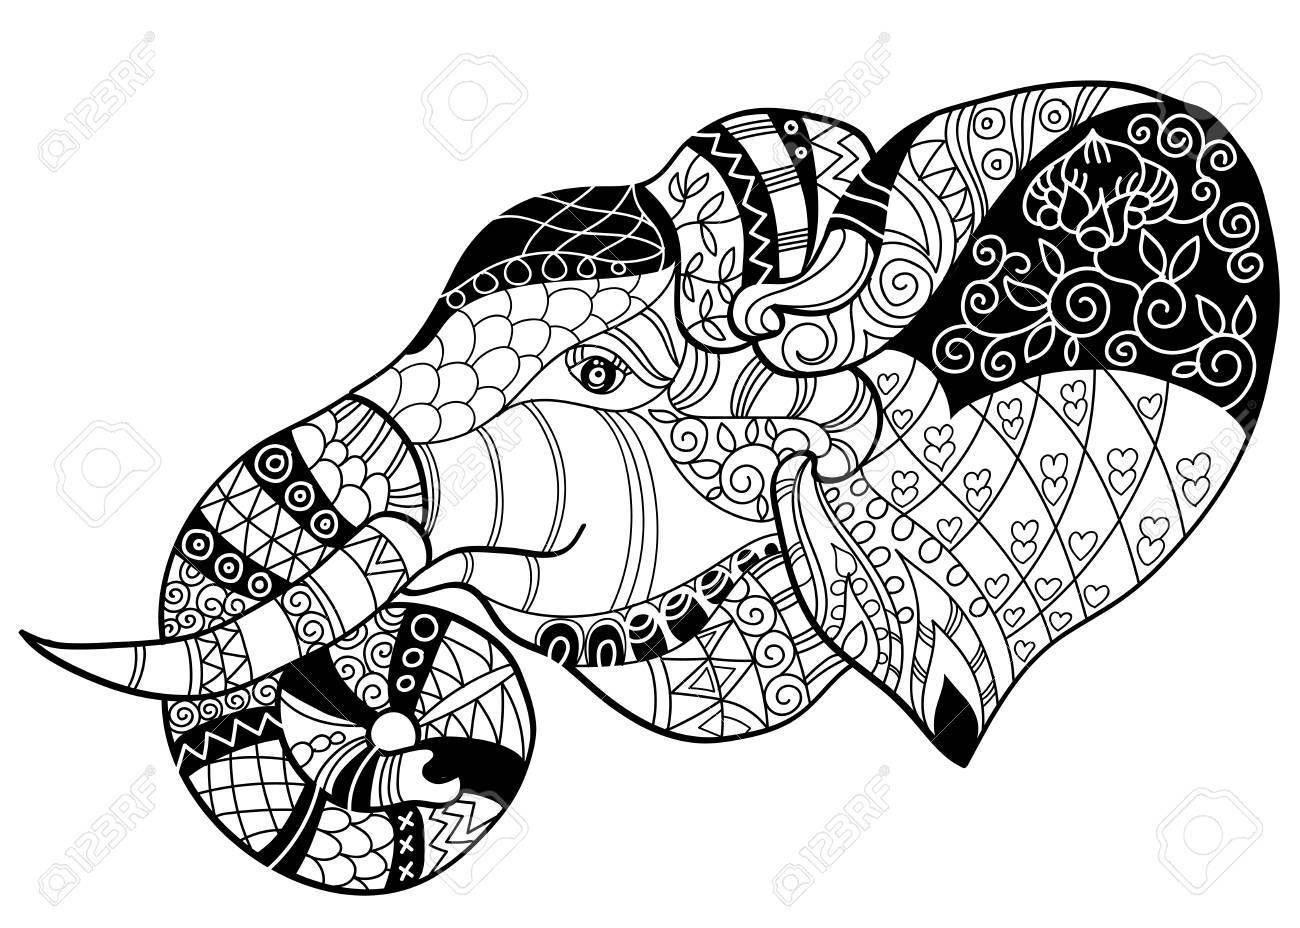 Elephant Head Doodle On White Background.Graphic Illustration ...